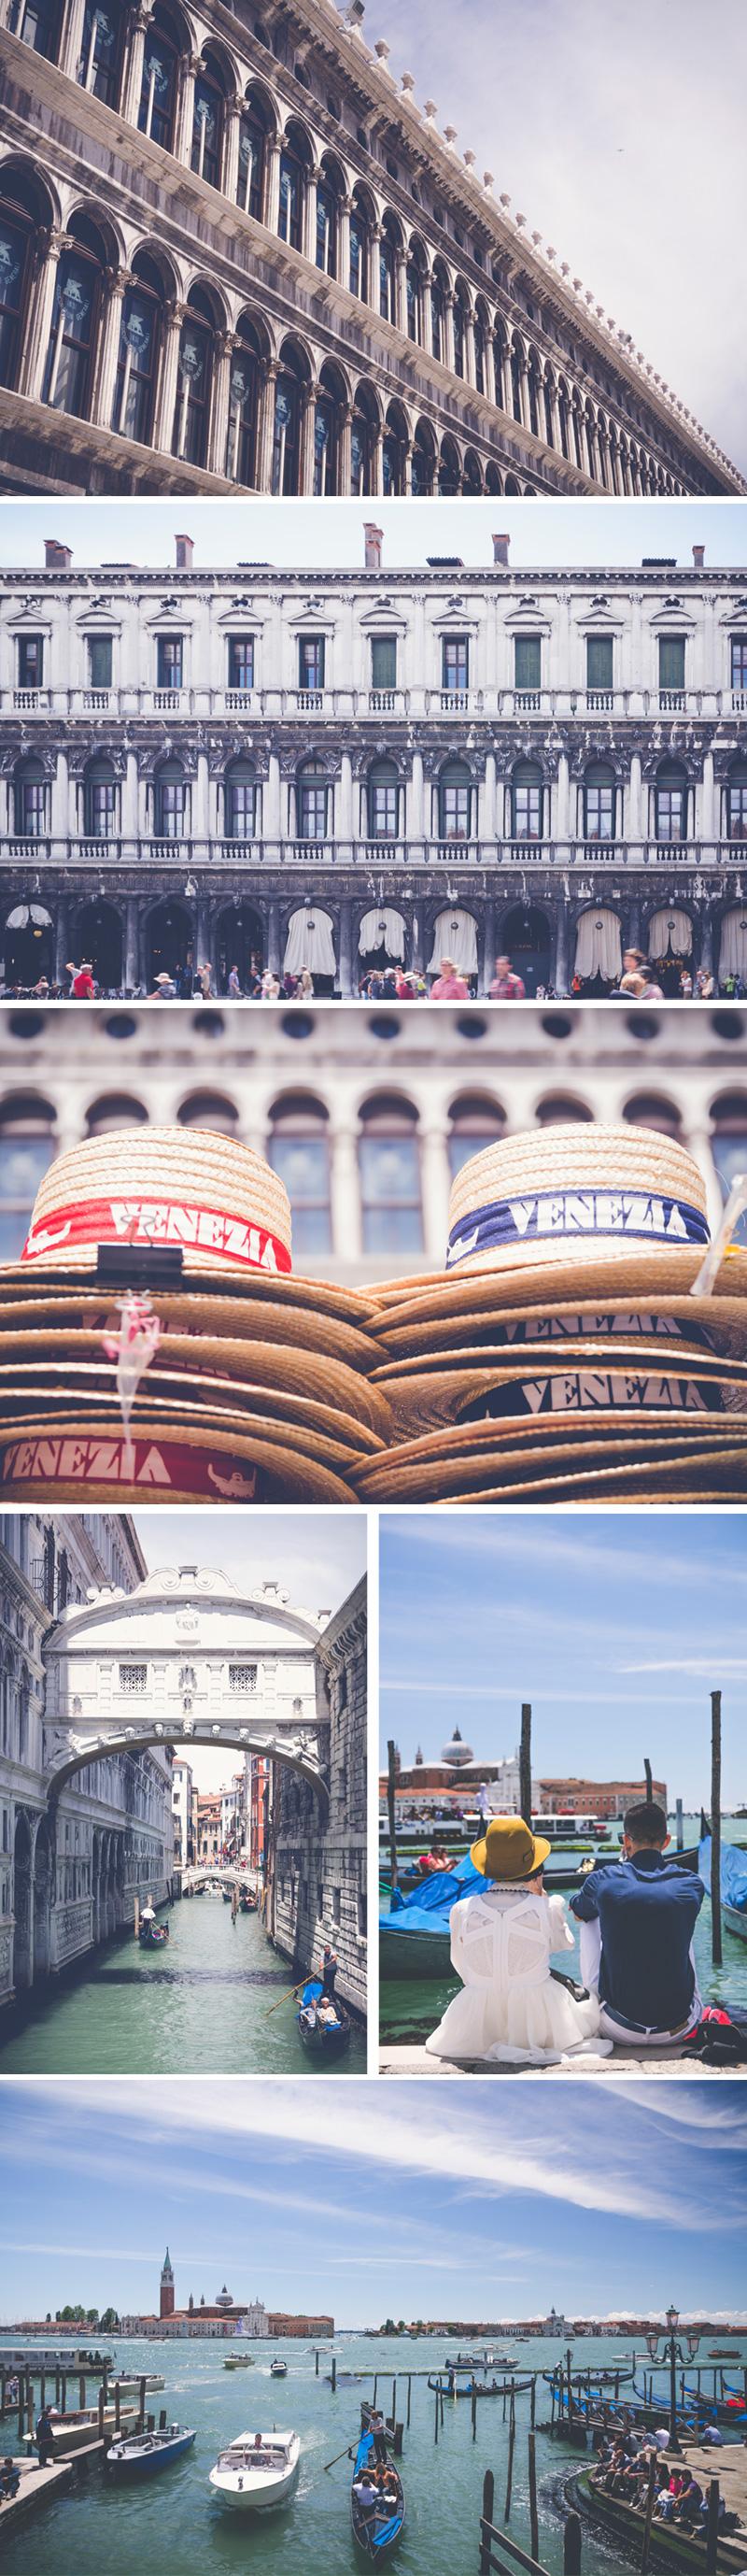 201305_Venecia-3